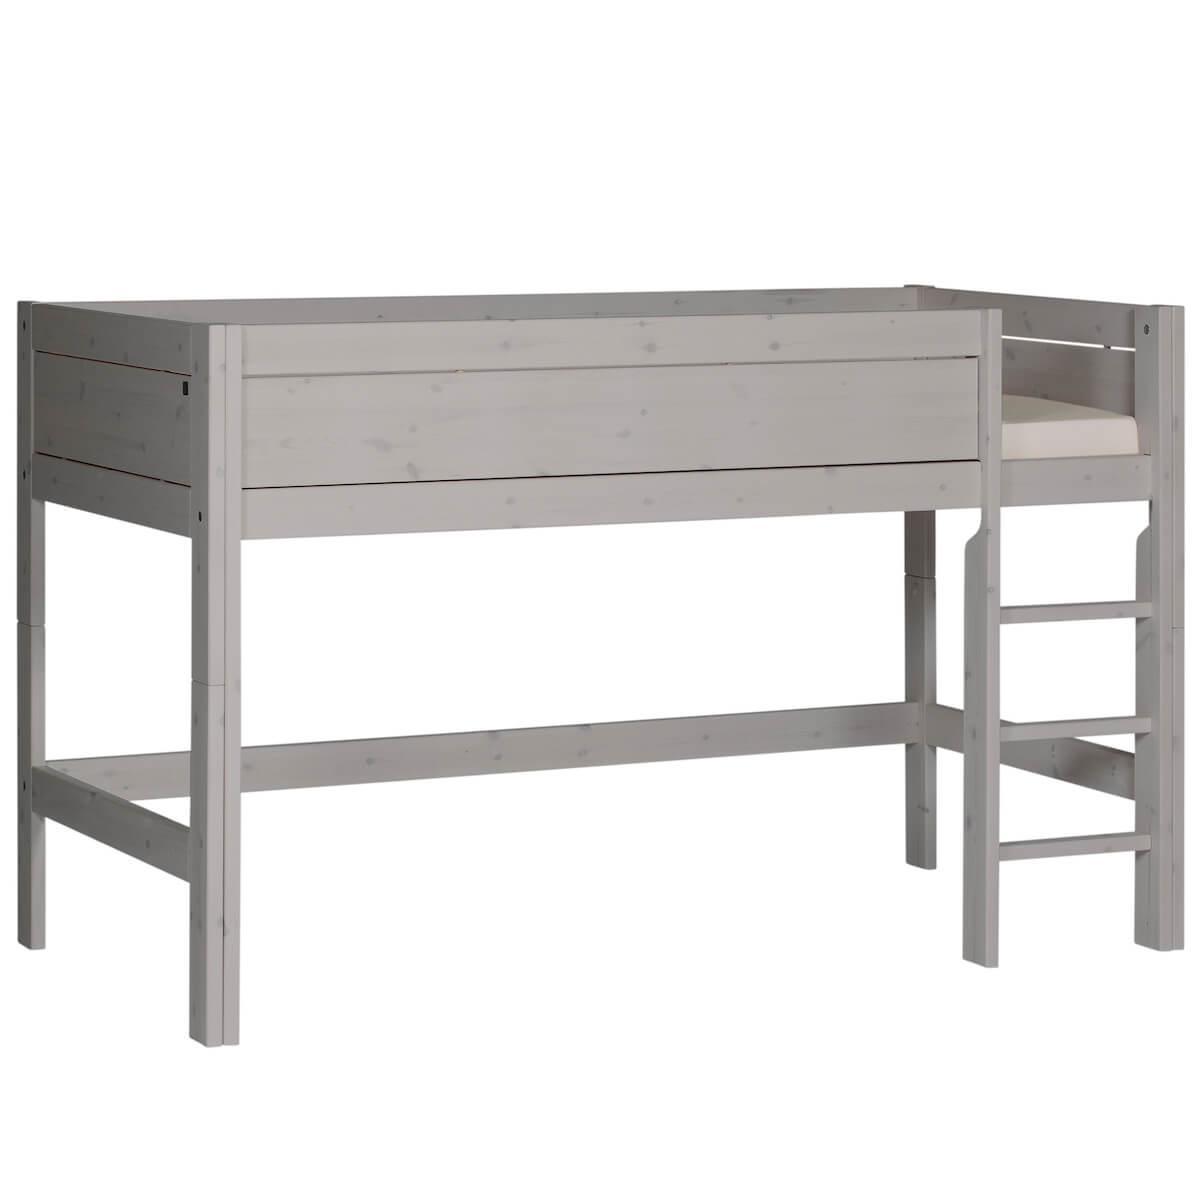 Lit mi-hauteur échelle droite 90x200cm Lifetime gris